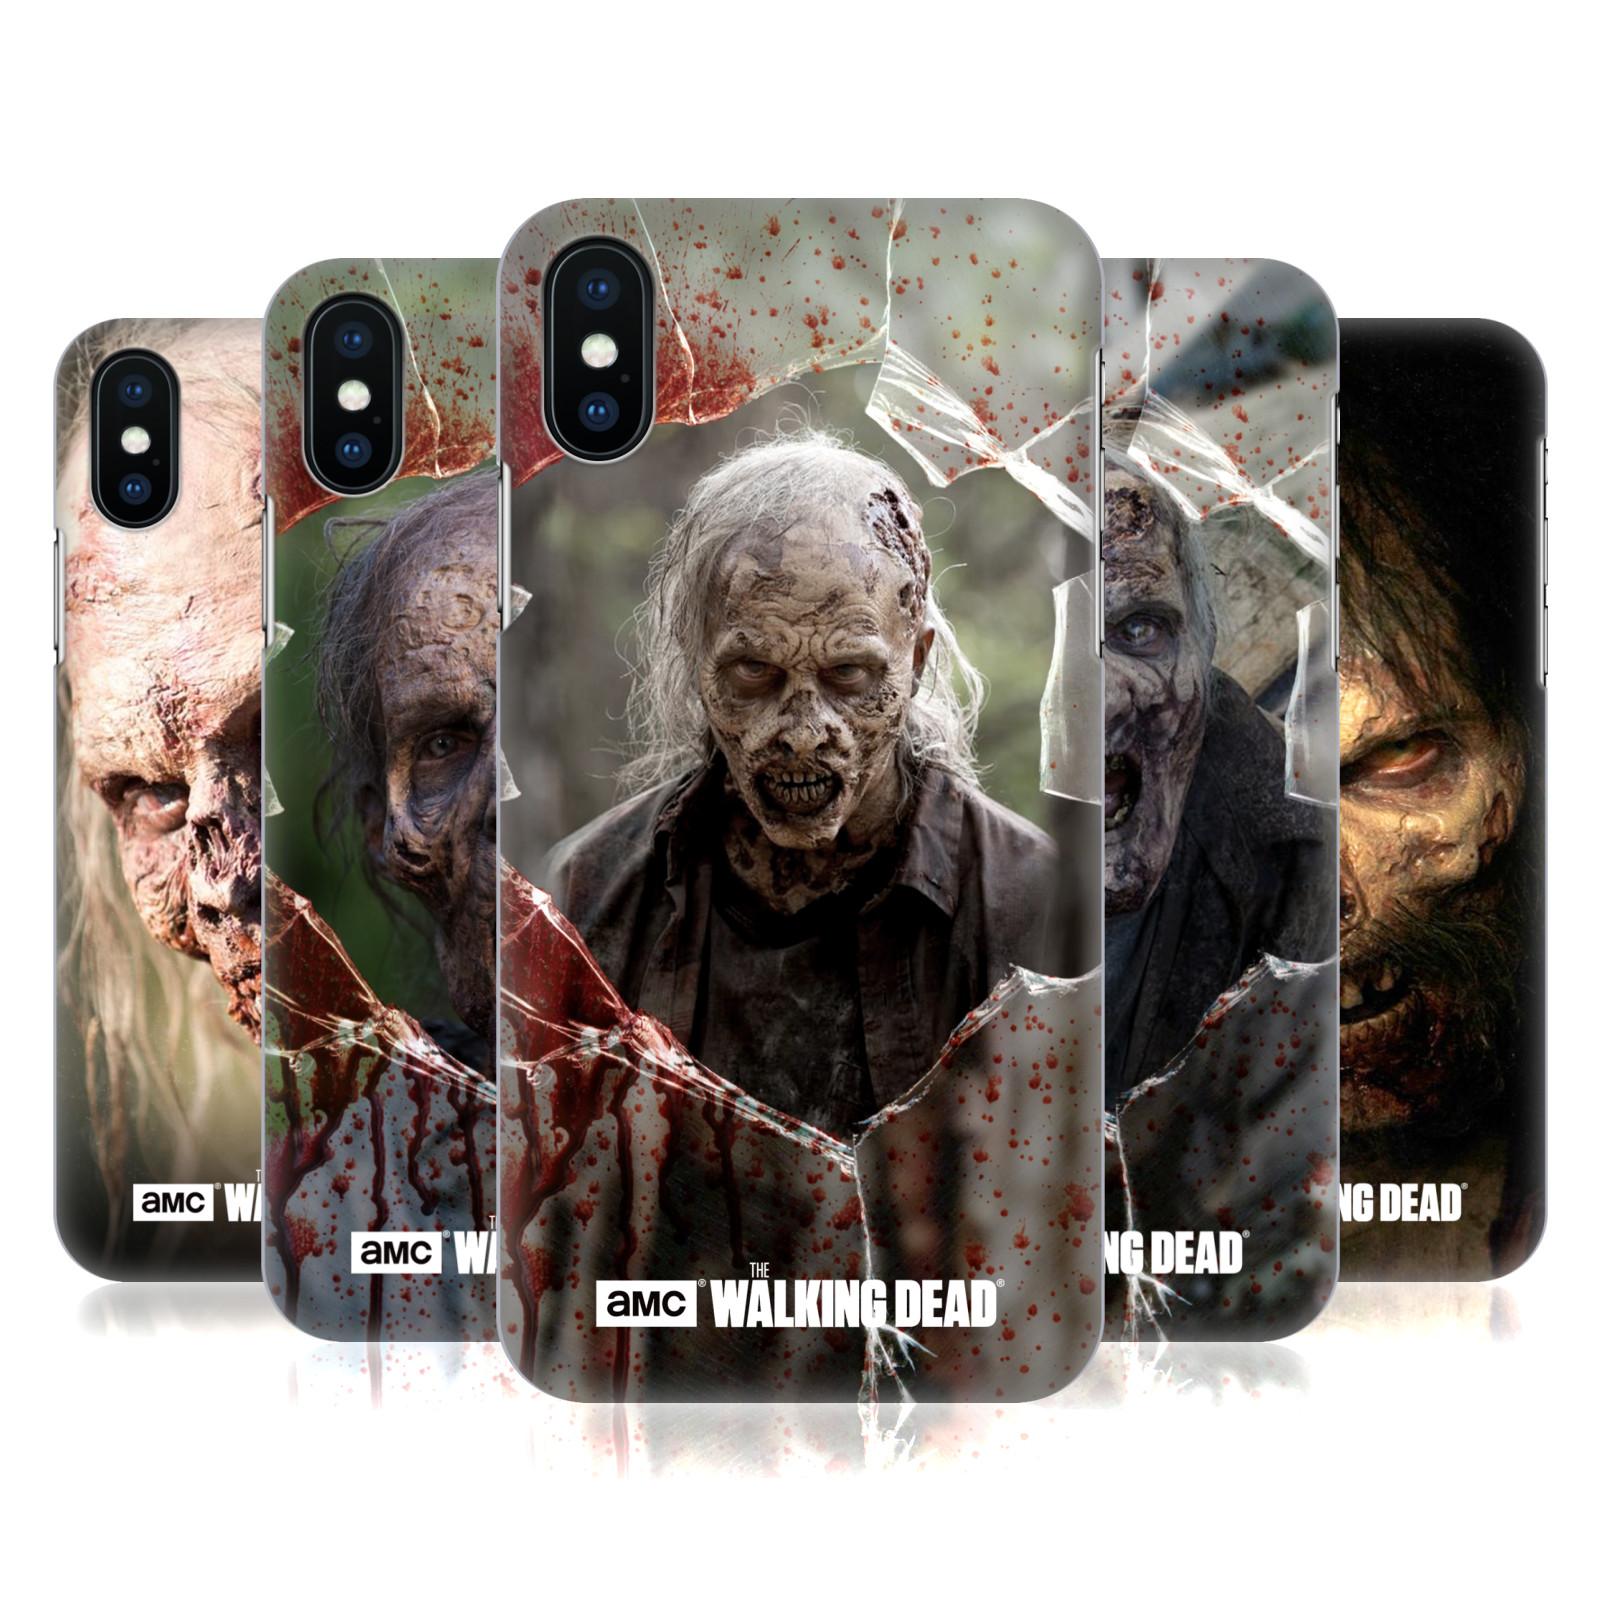 AMC The Walking Dead Walkers